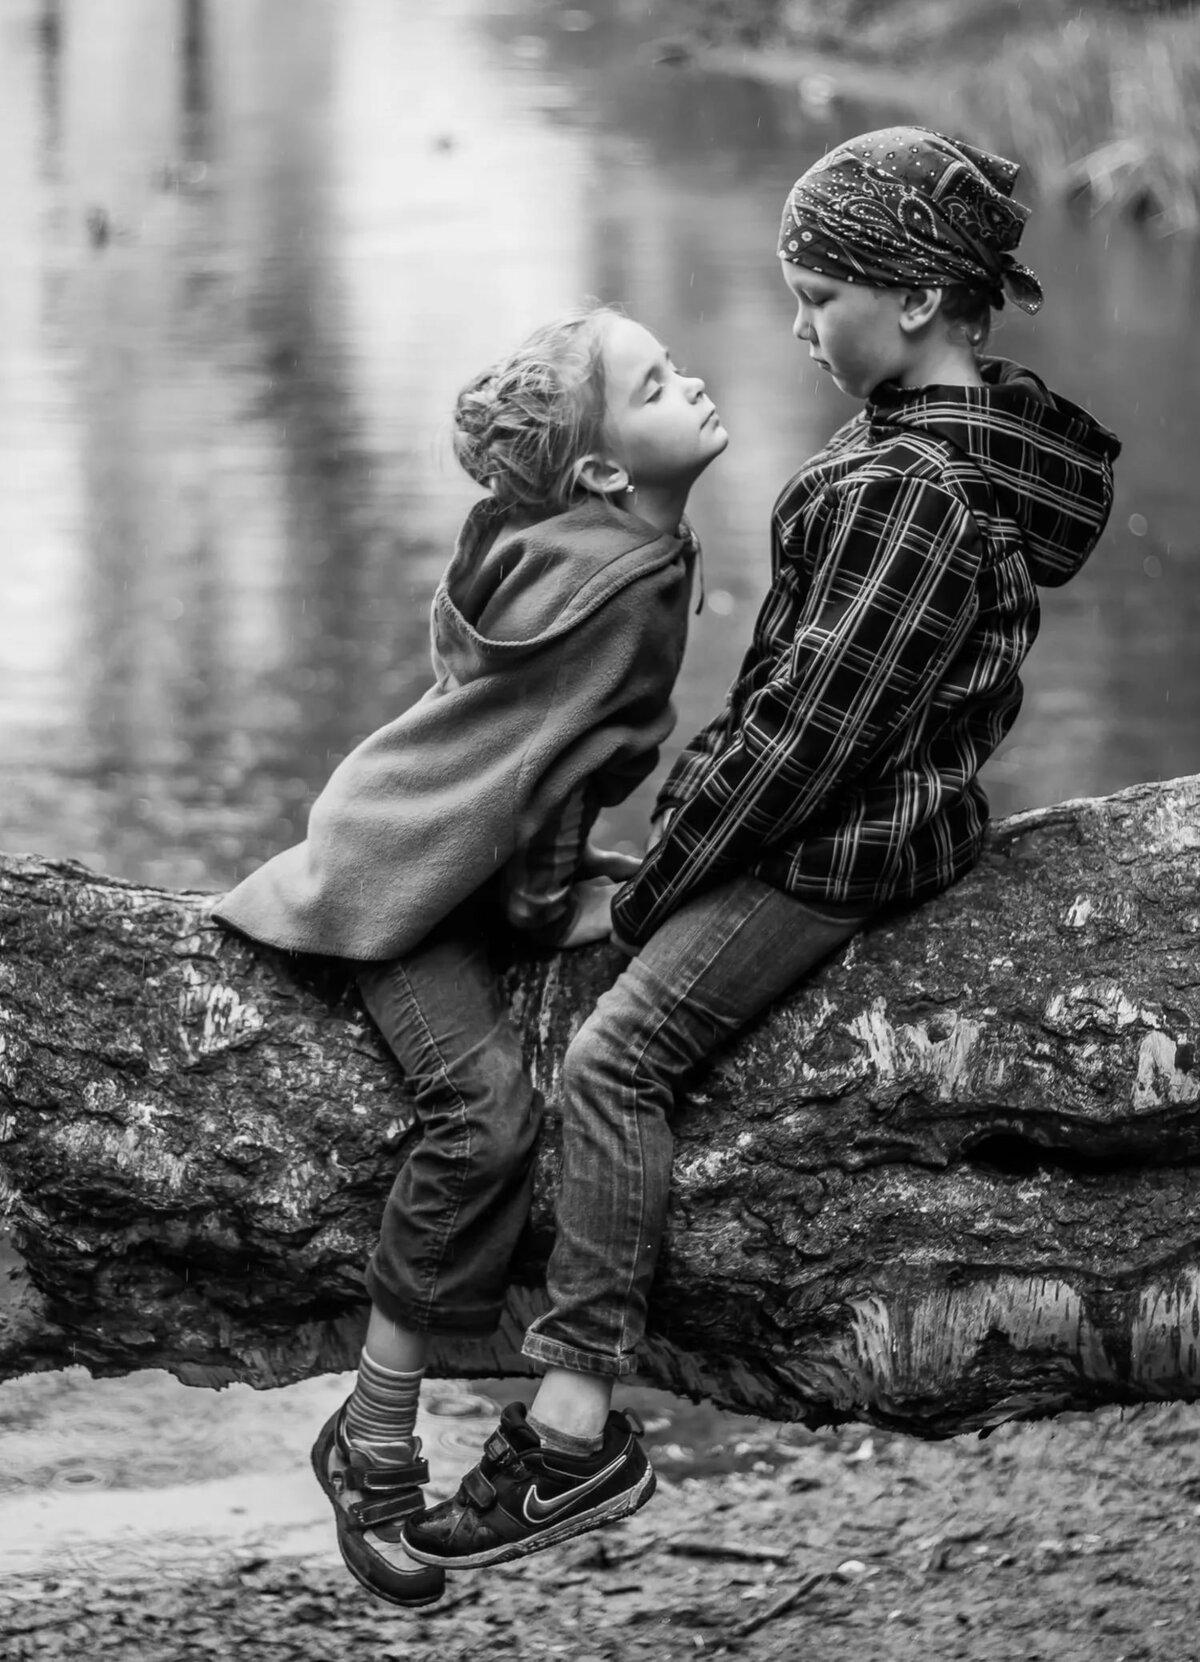 принимал участие трогательные фото о любви аромат легкий